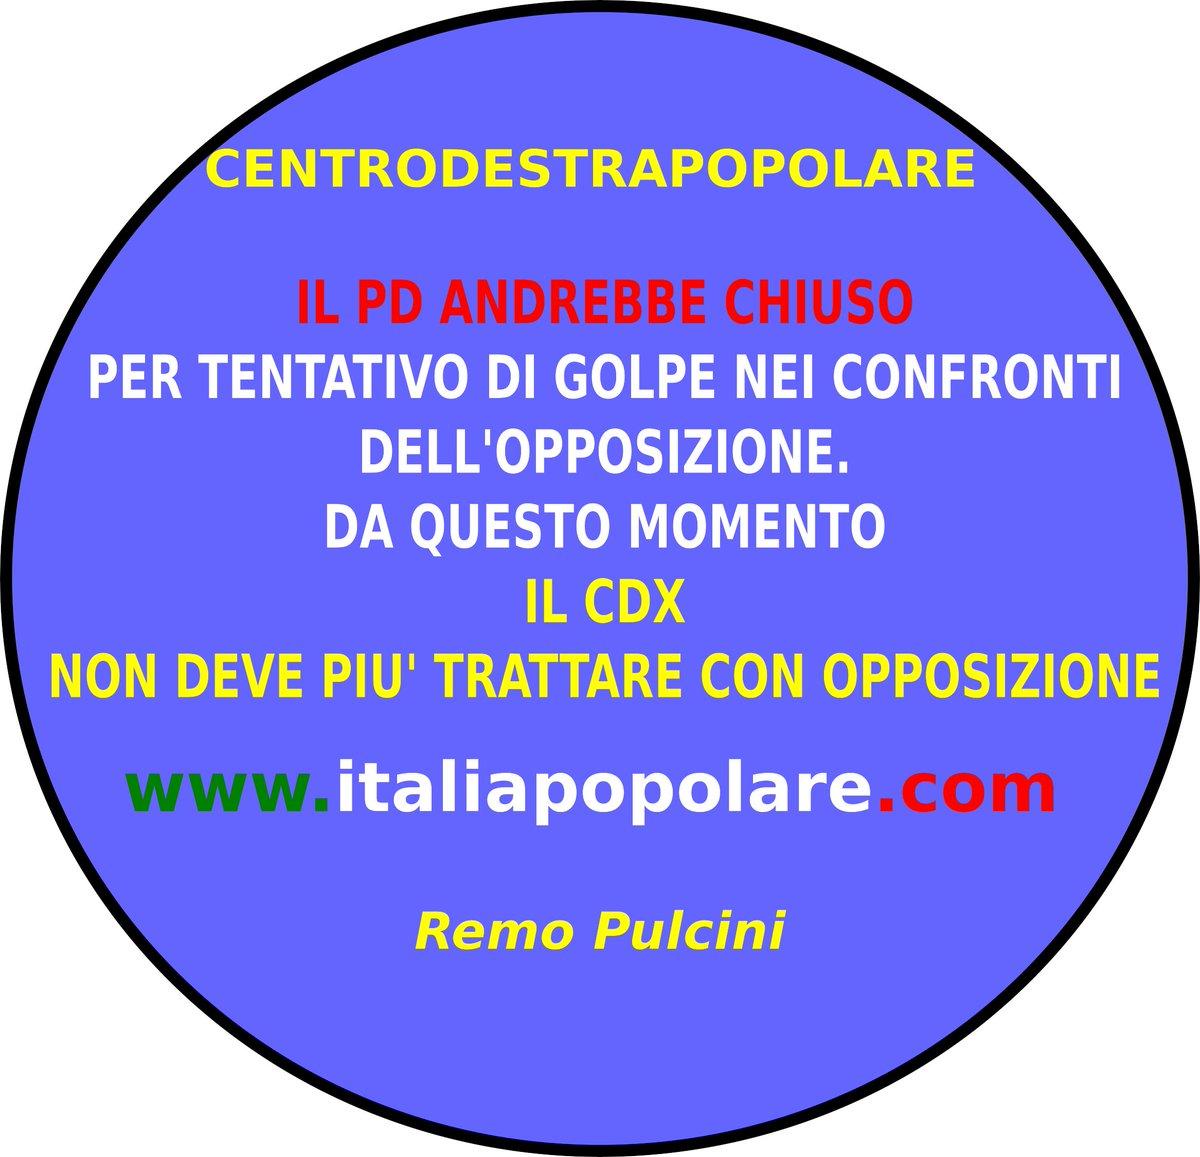 #Ale4Ristoranti